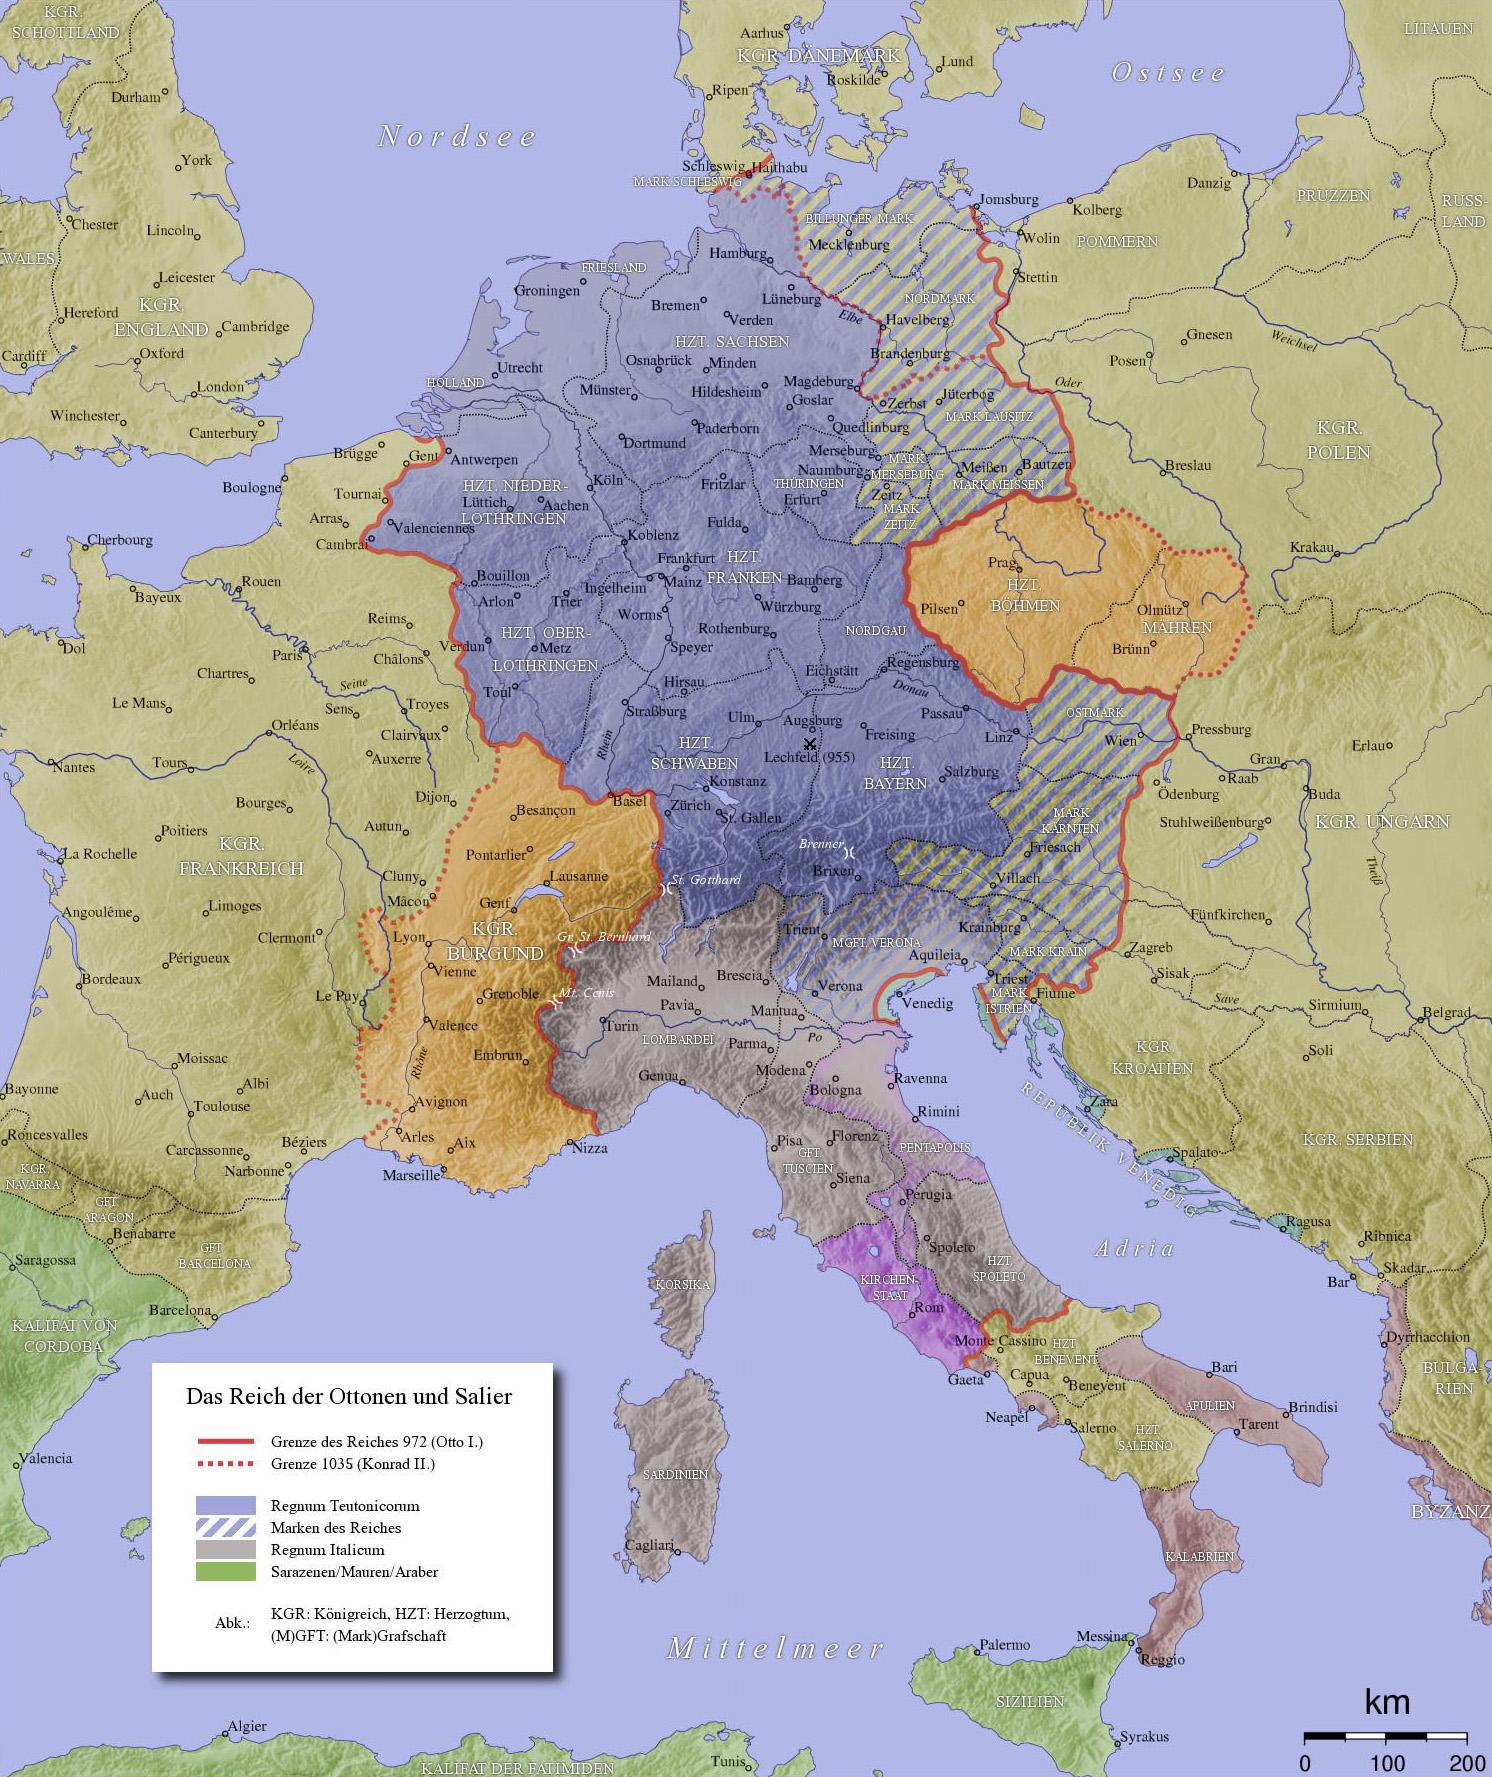 Das Reichsgebiet im 10. Jahrhundert (rot umrandet), später als Heiliges Römisches Reich bekannt (1157 erstmals als Sacrum Imperium belegt)